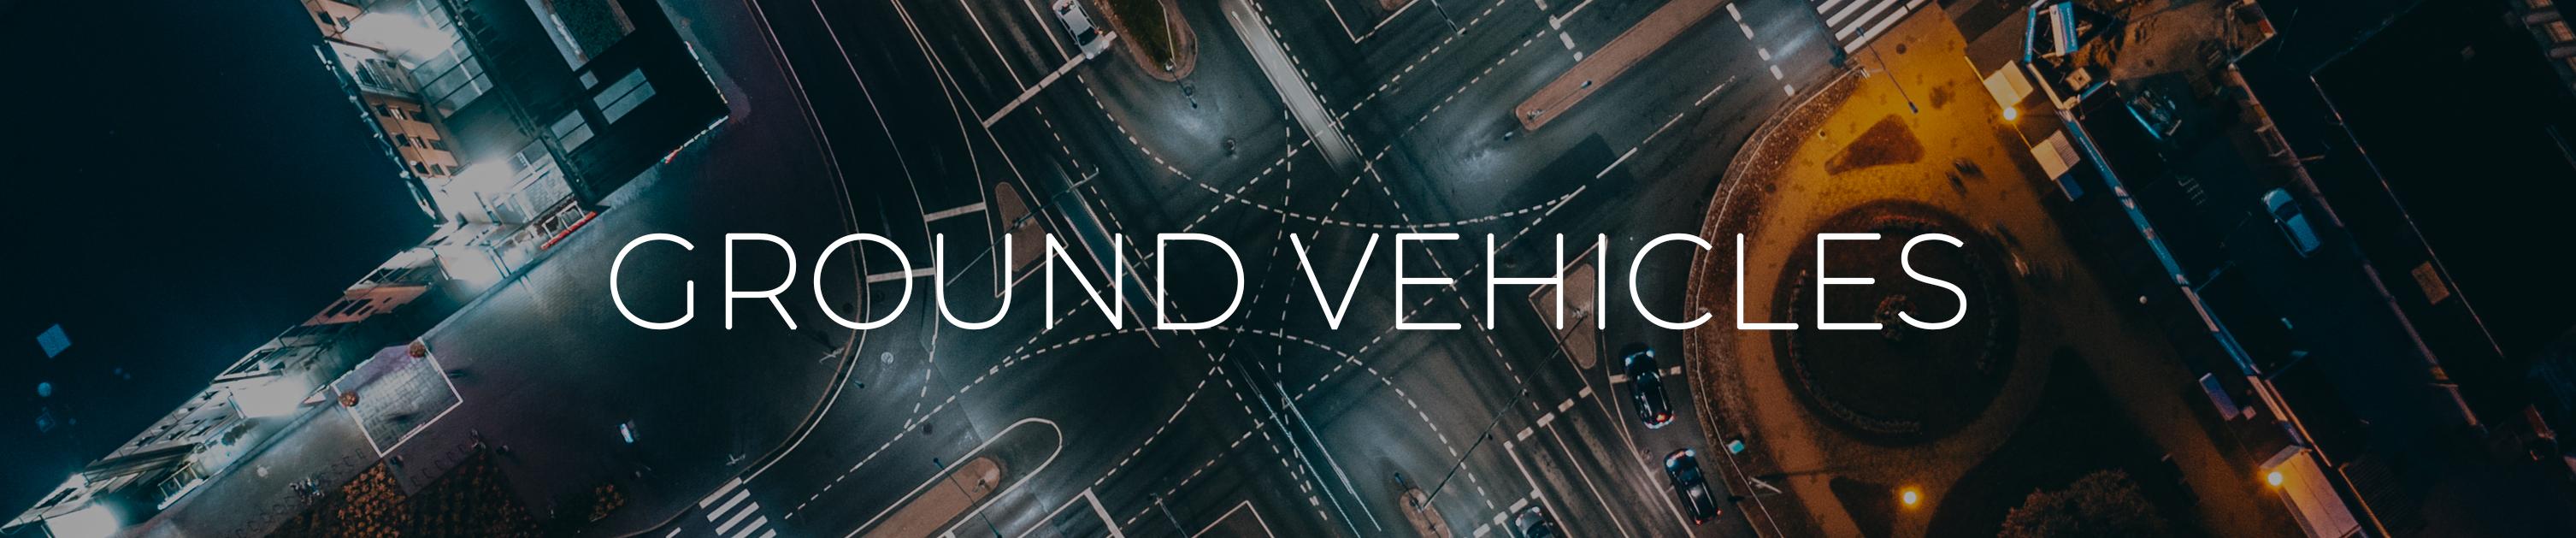 Ground Vehicles_2